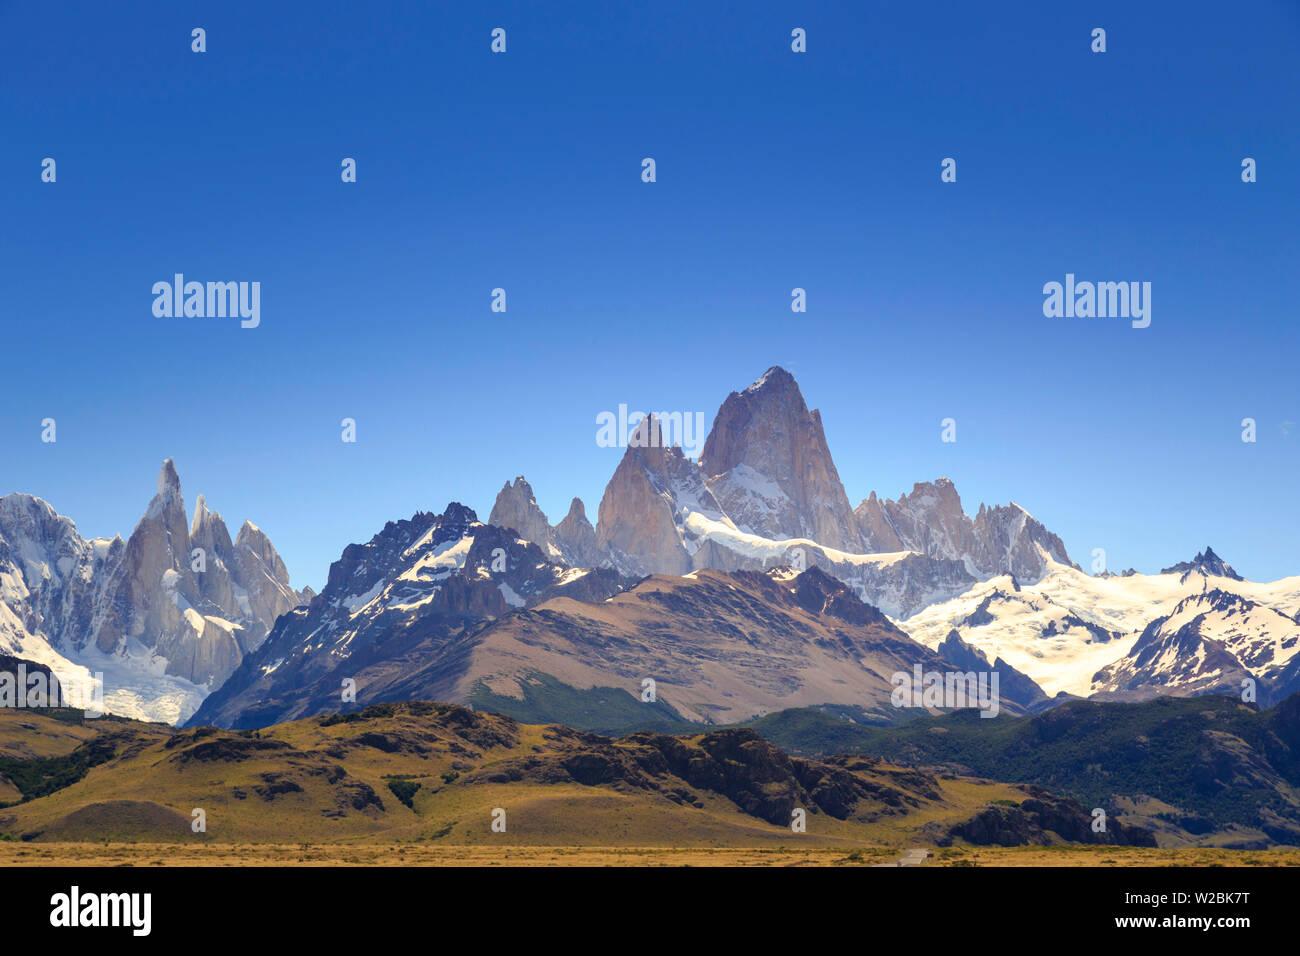 Argentina, Patagonia, El Chalten, Los Glaciares National Park - Stock Image